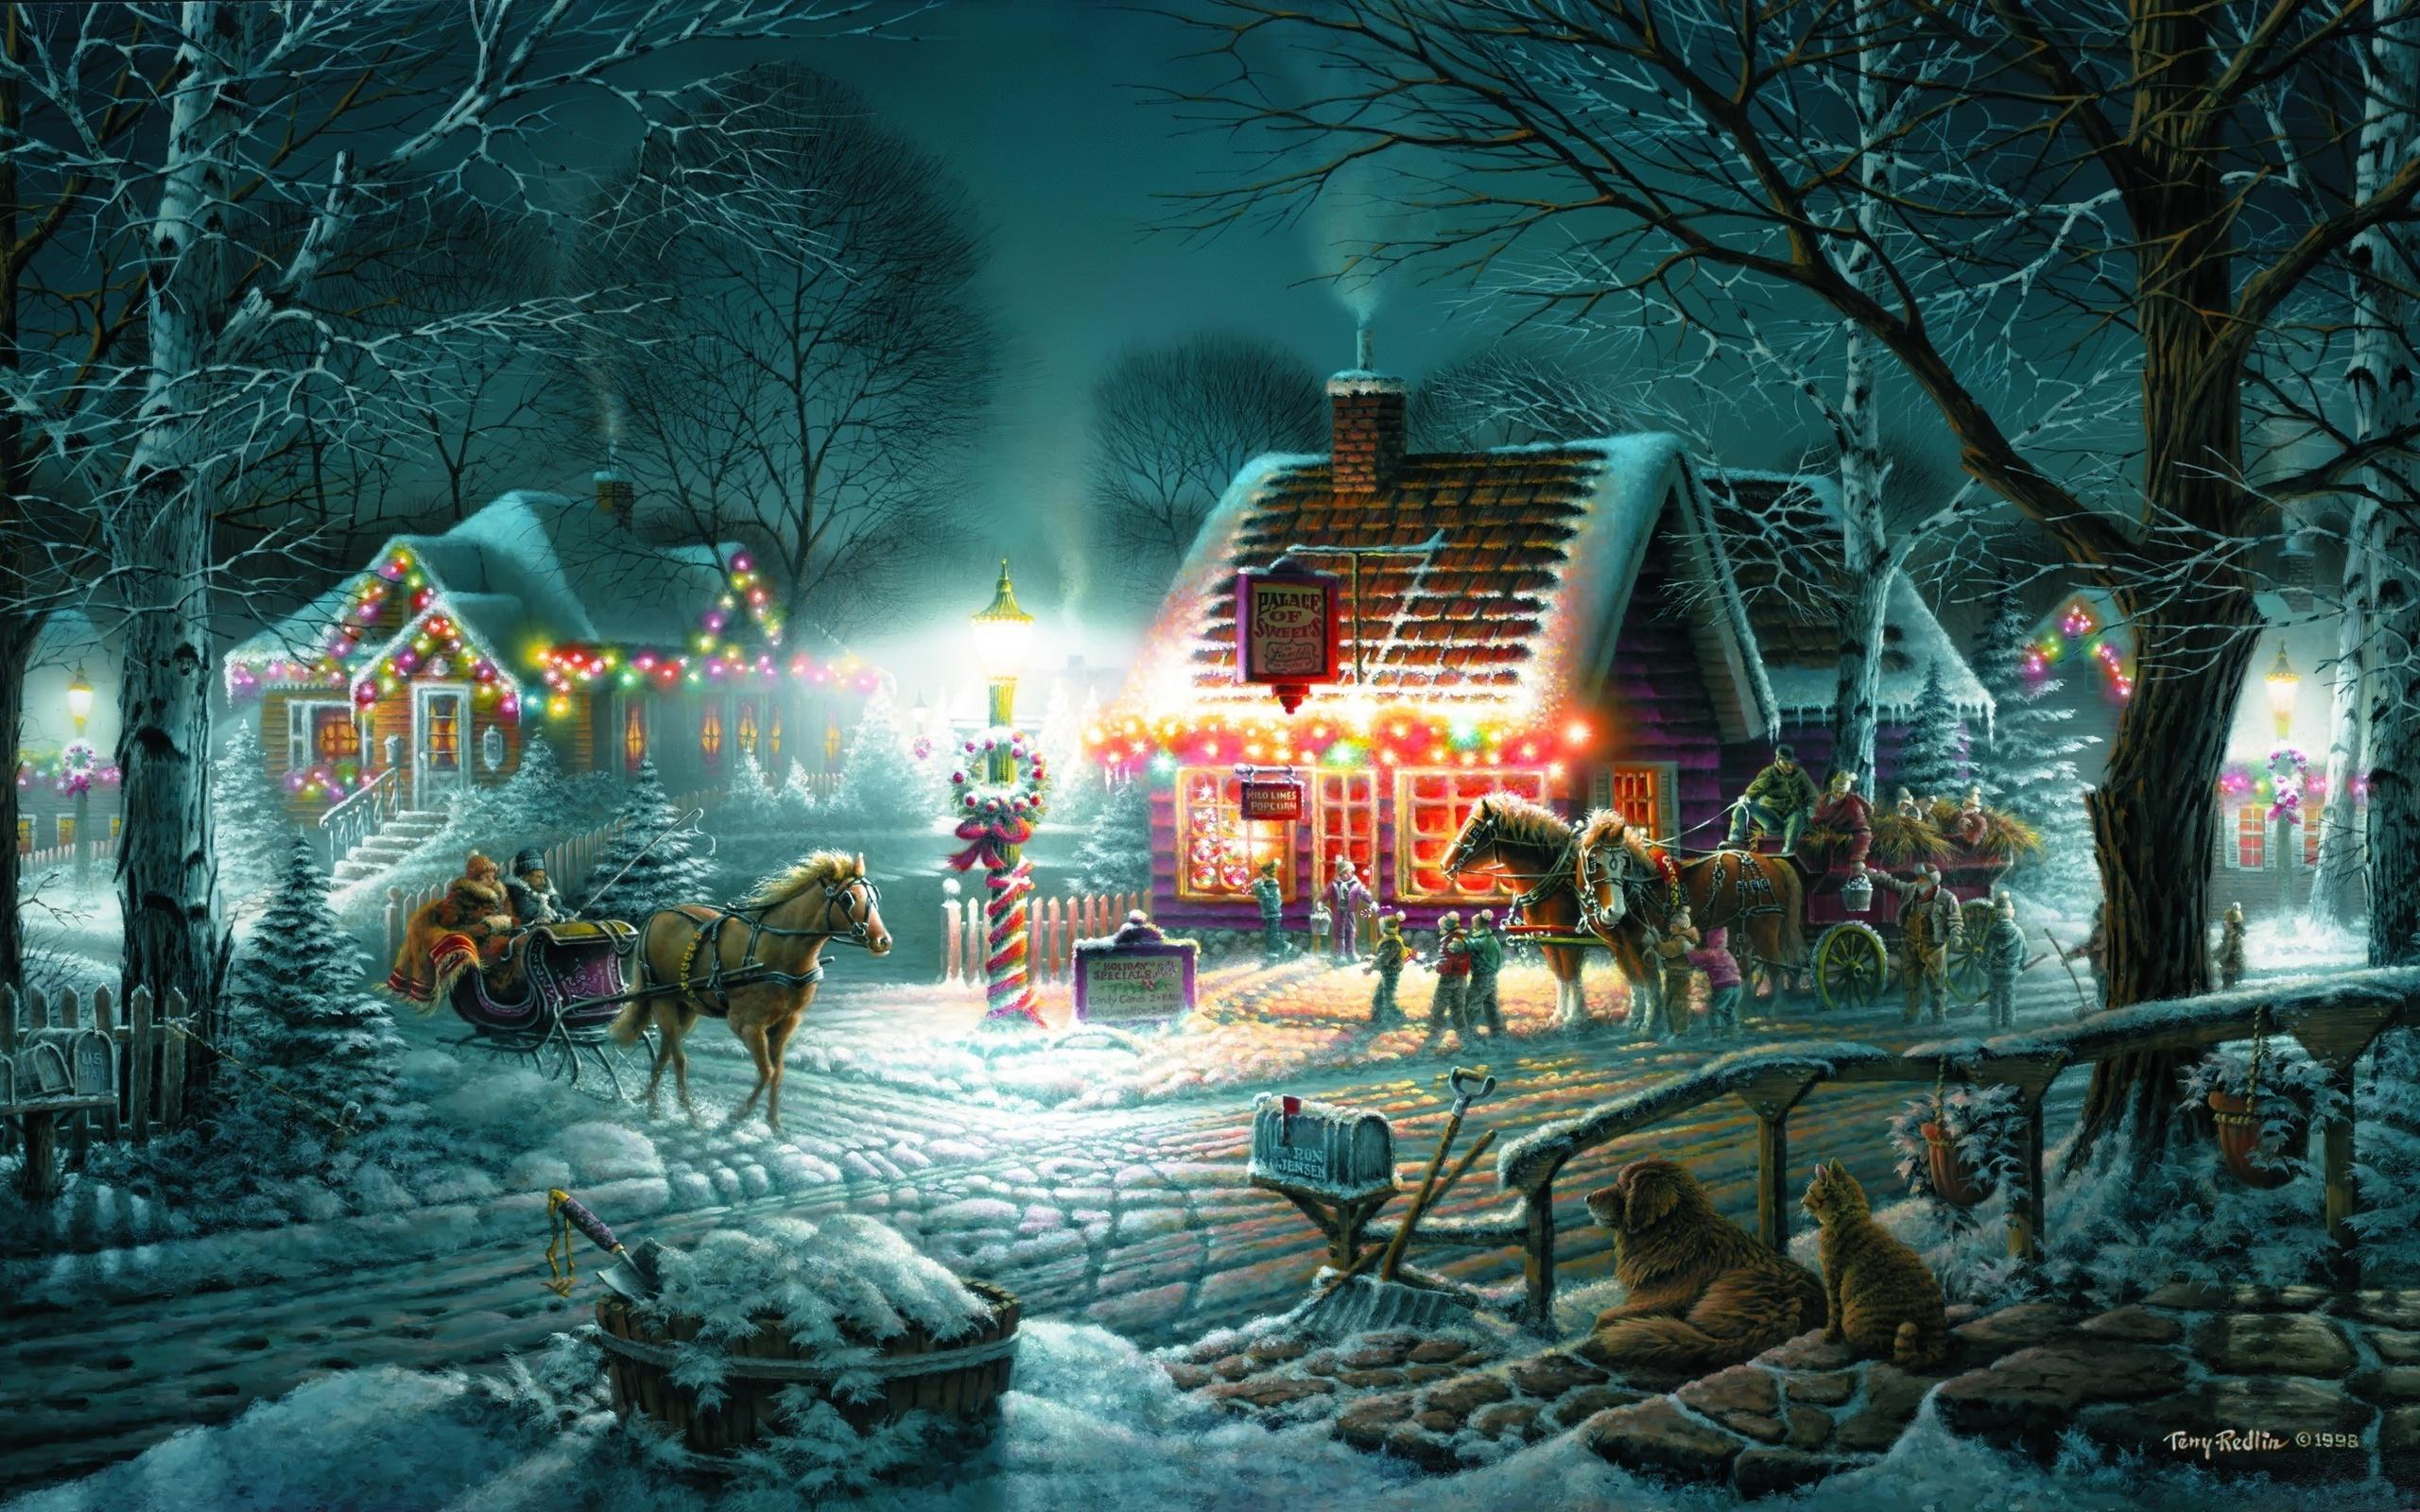 Картины с новым годом фото